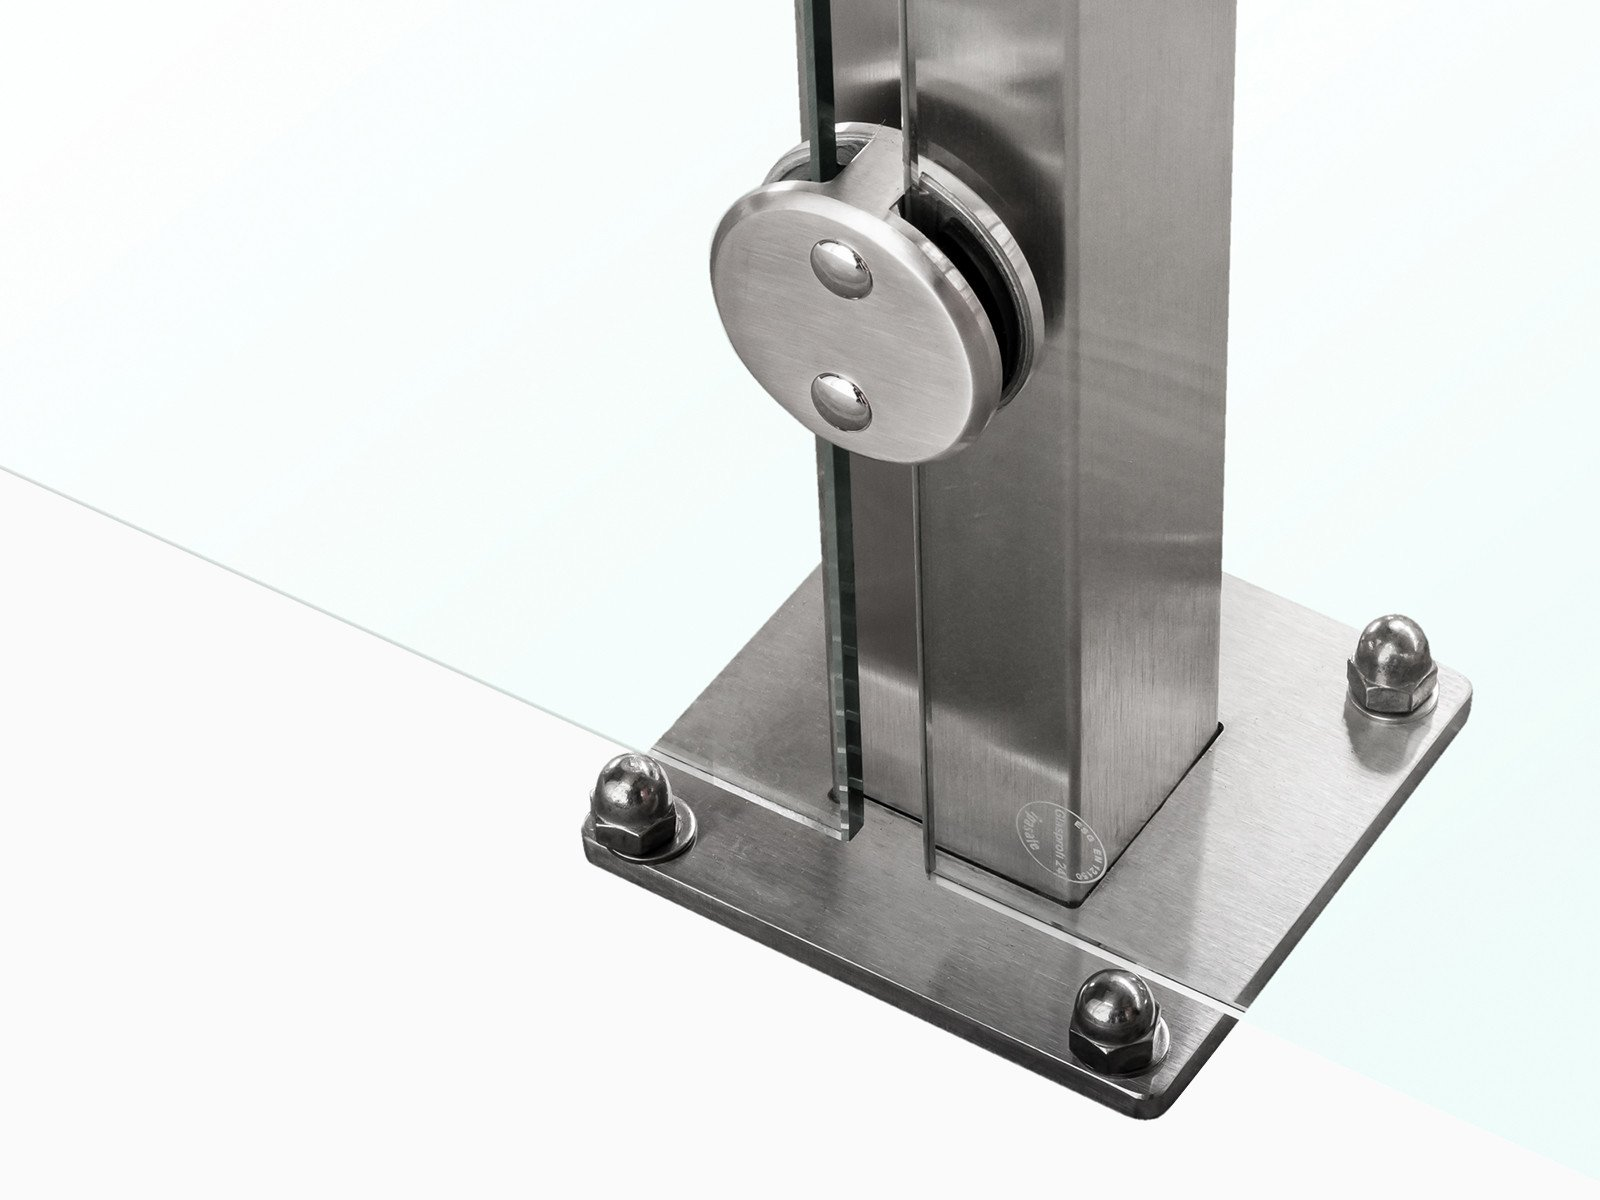 Bodenbefestigung Pfostensystem Devitro verschraubt oder einbetoniert mit runden Glashaltern